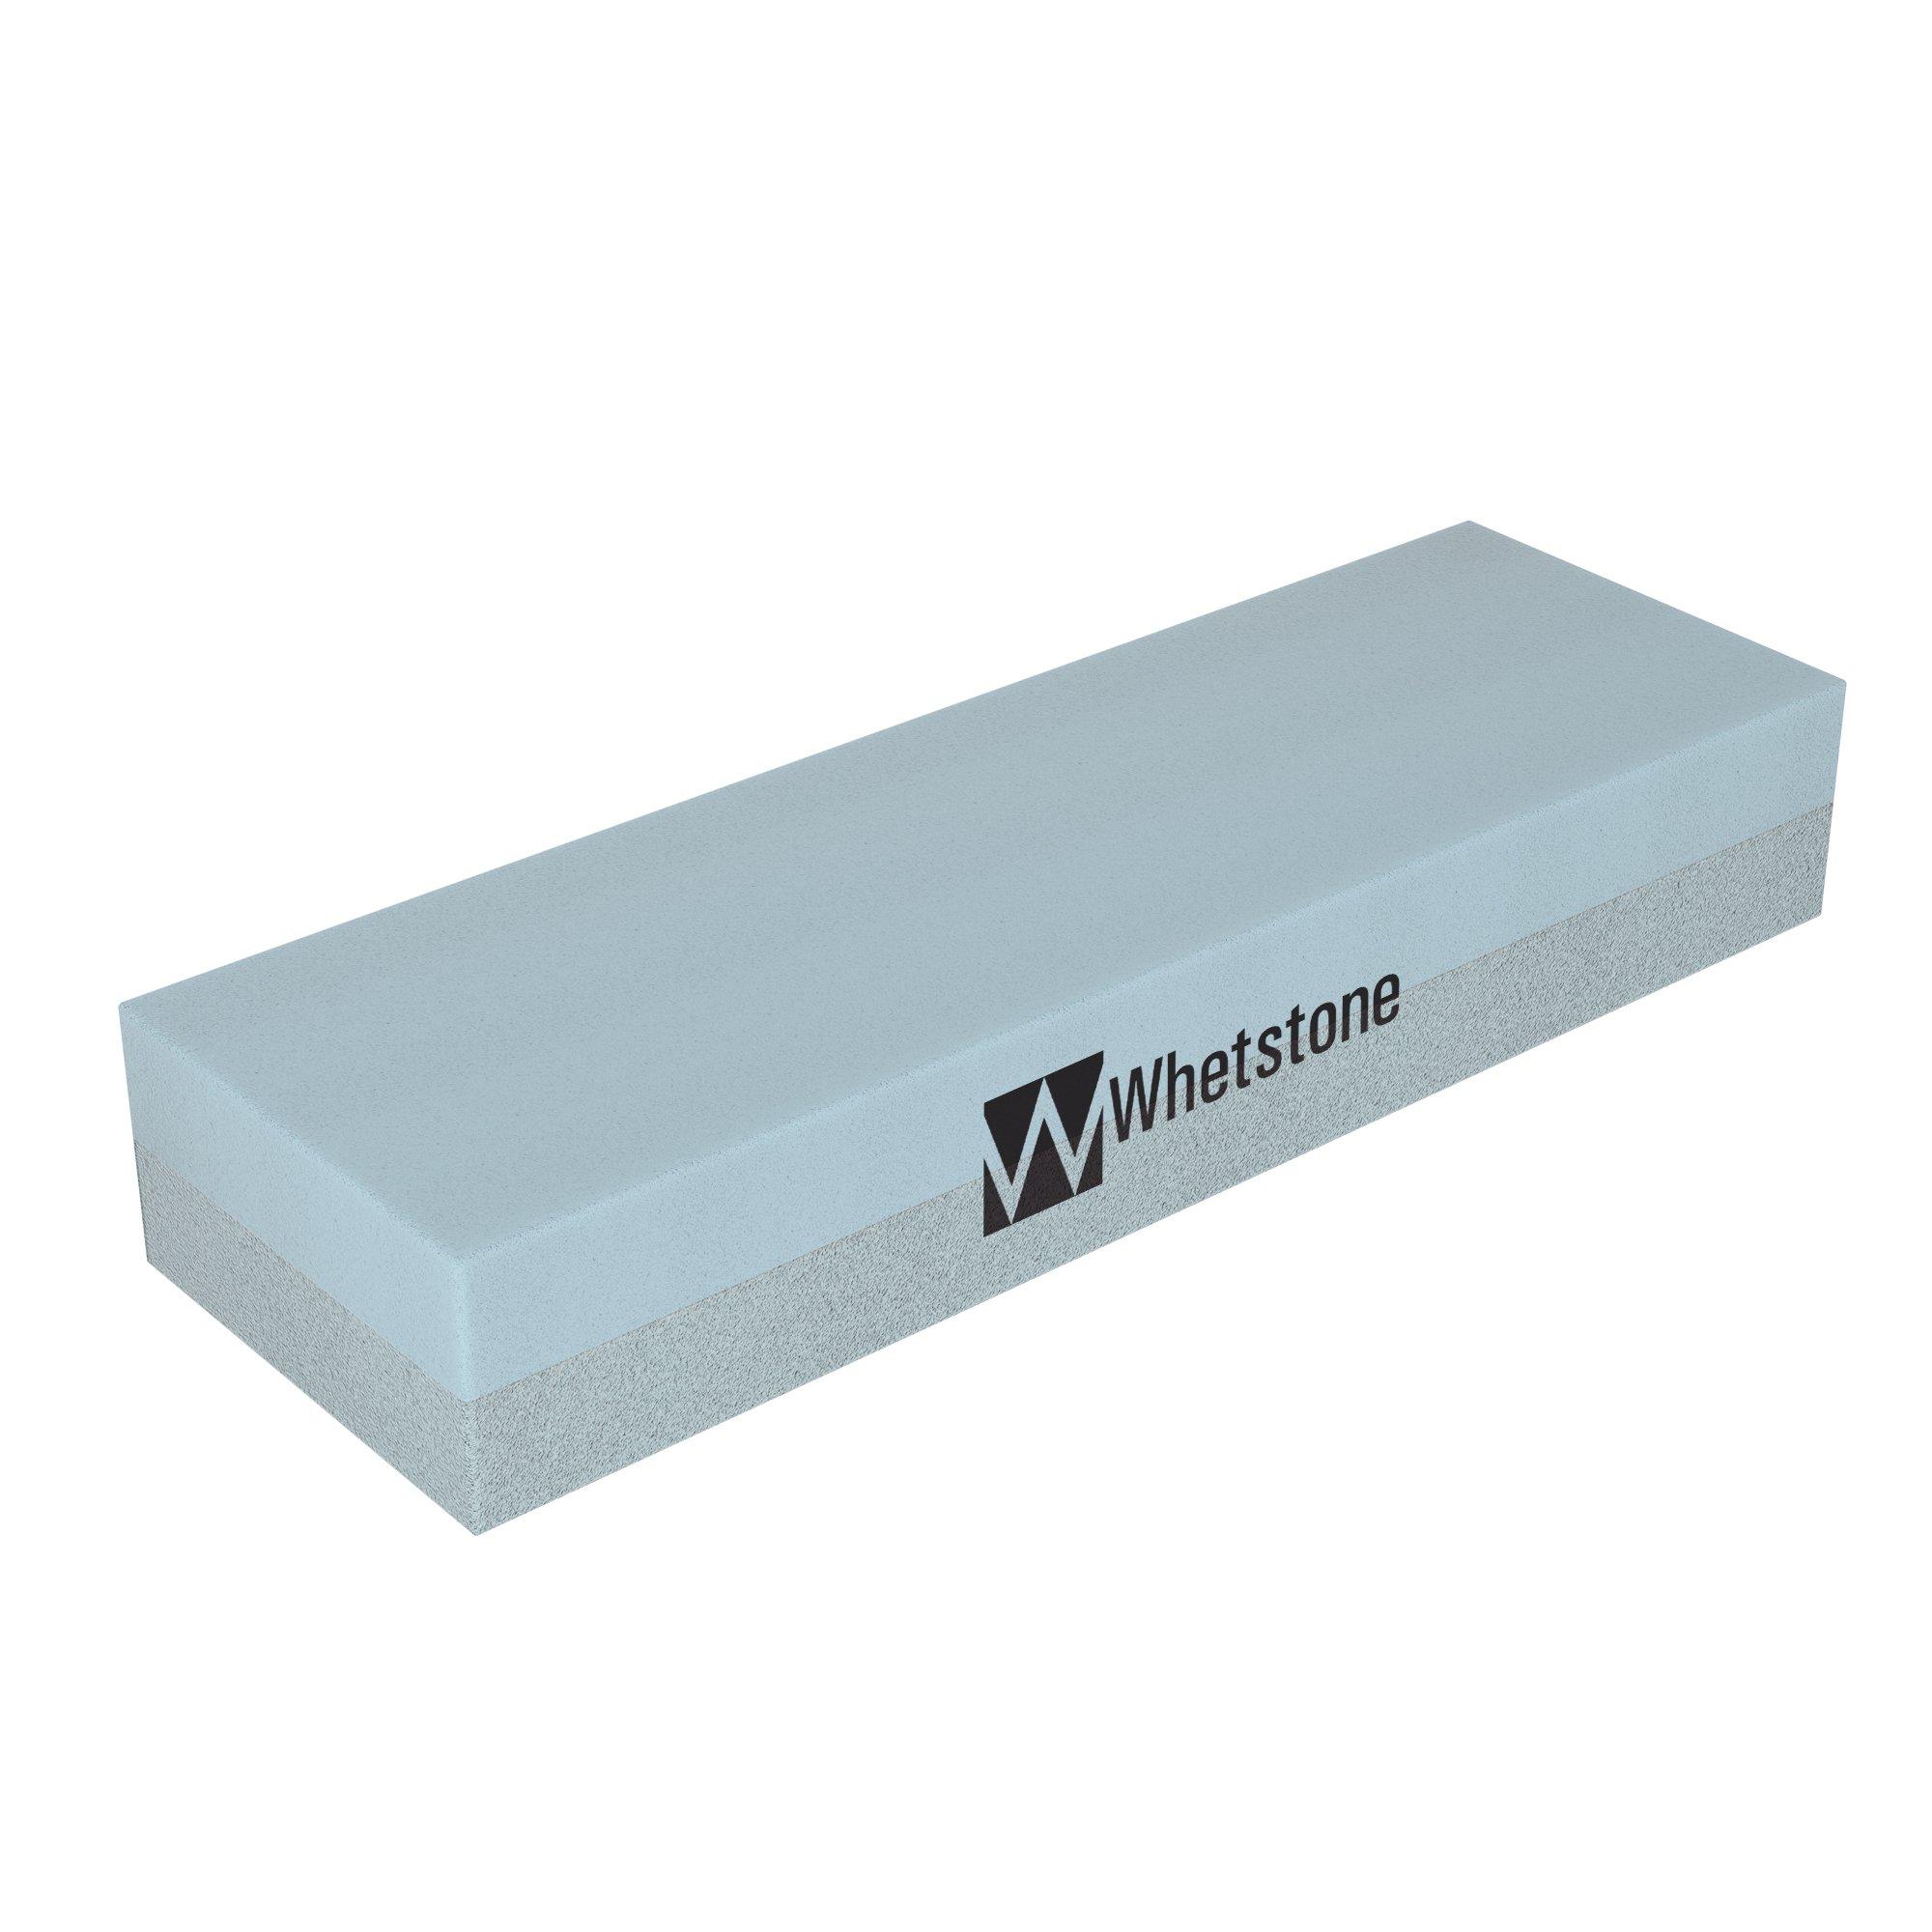 Whetstone Cutlery 20 10960 Sharpening Stone Sharpener